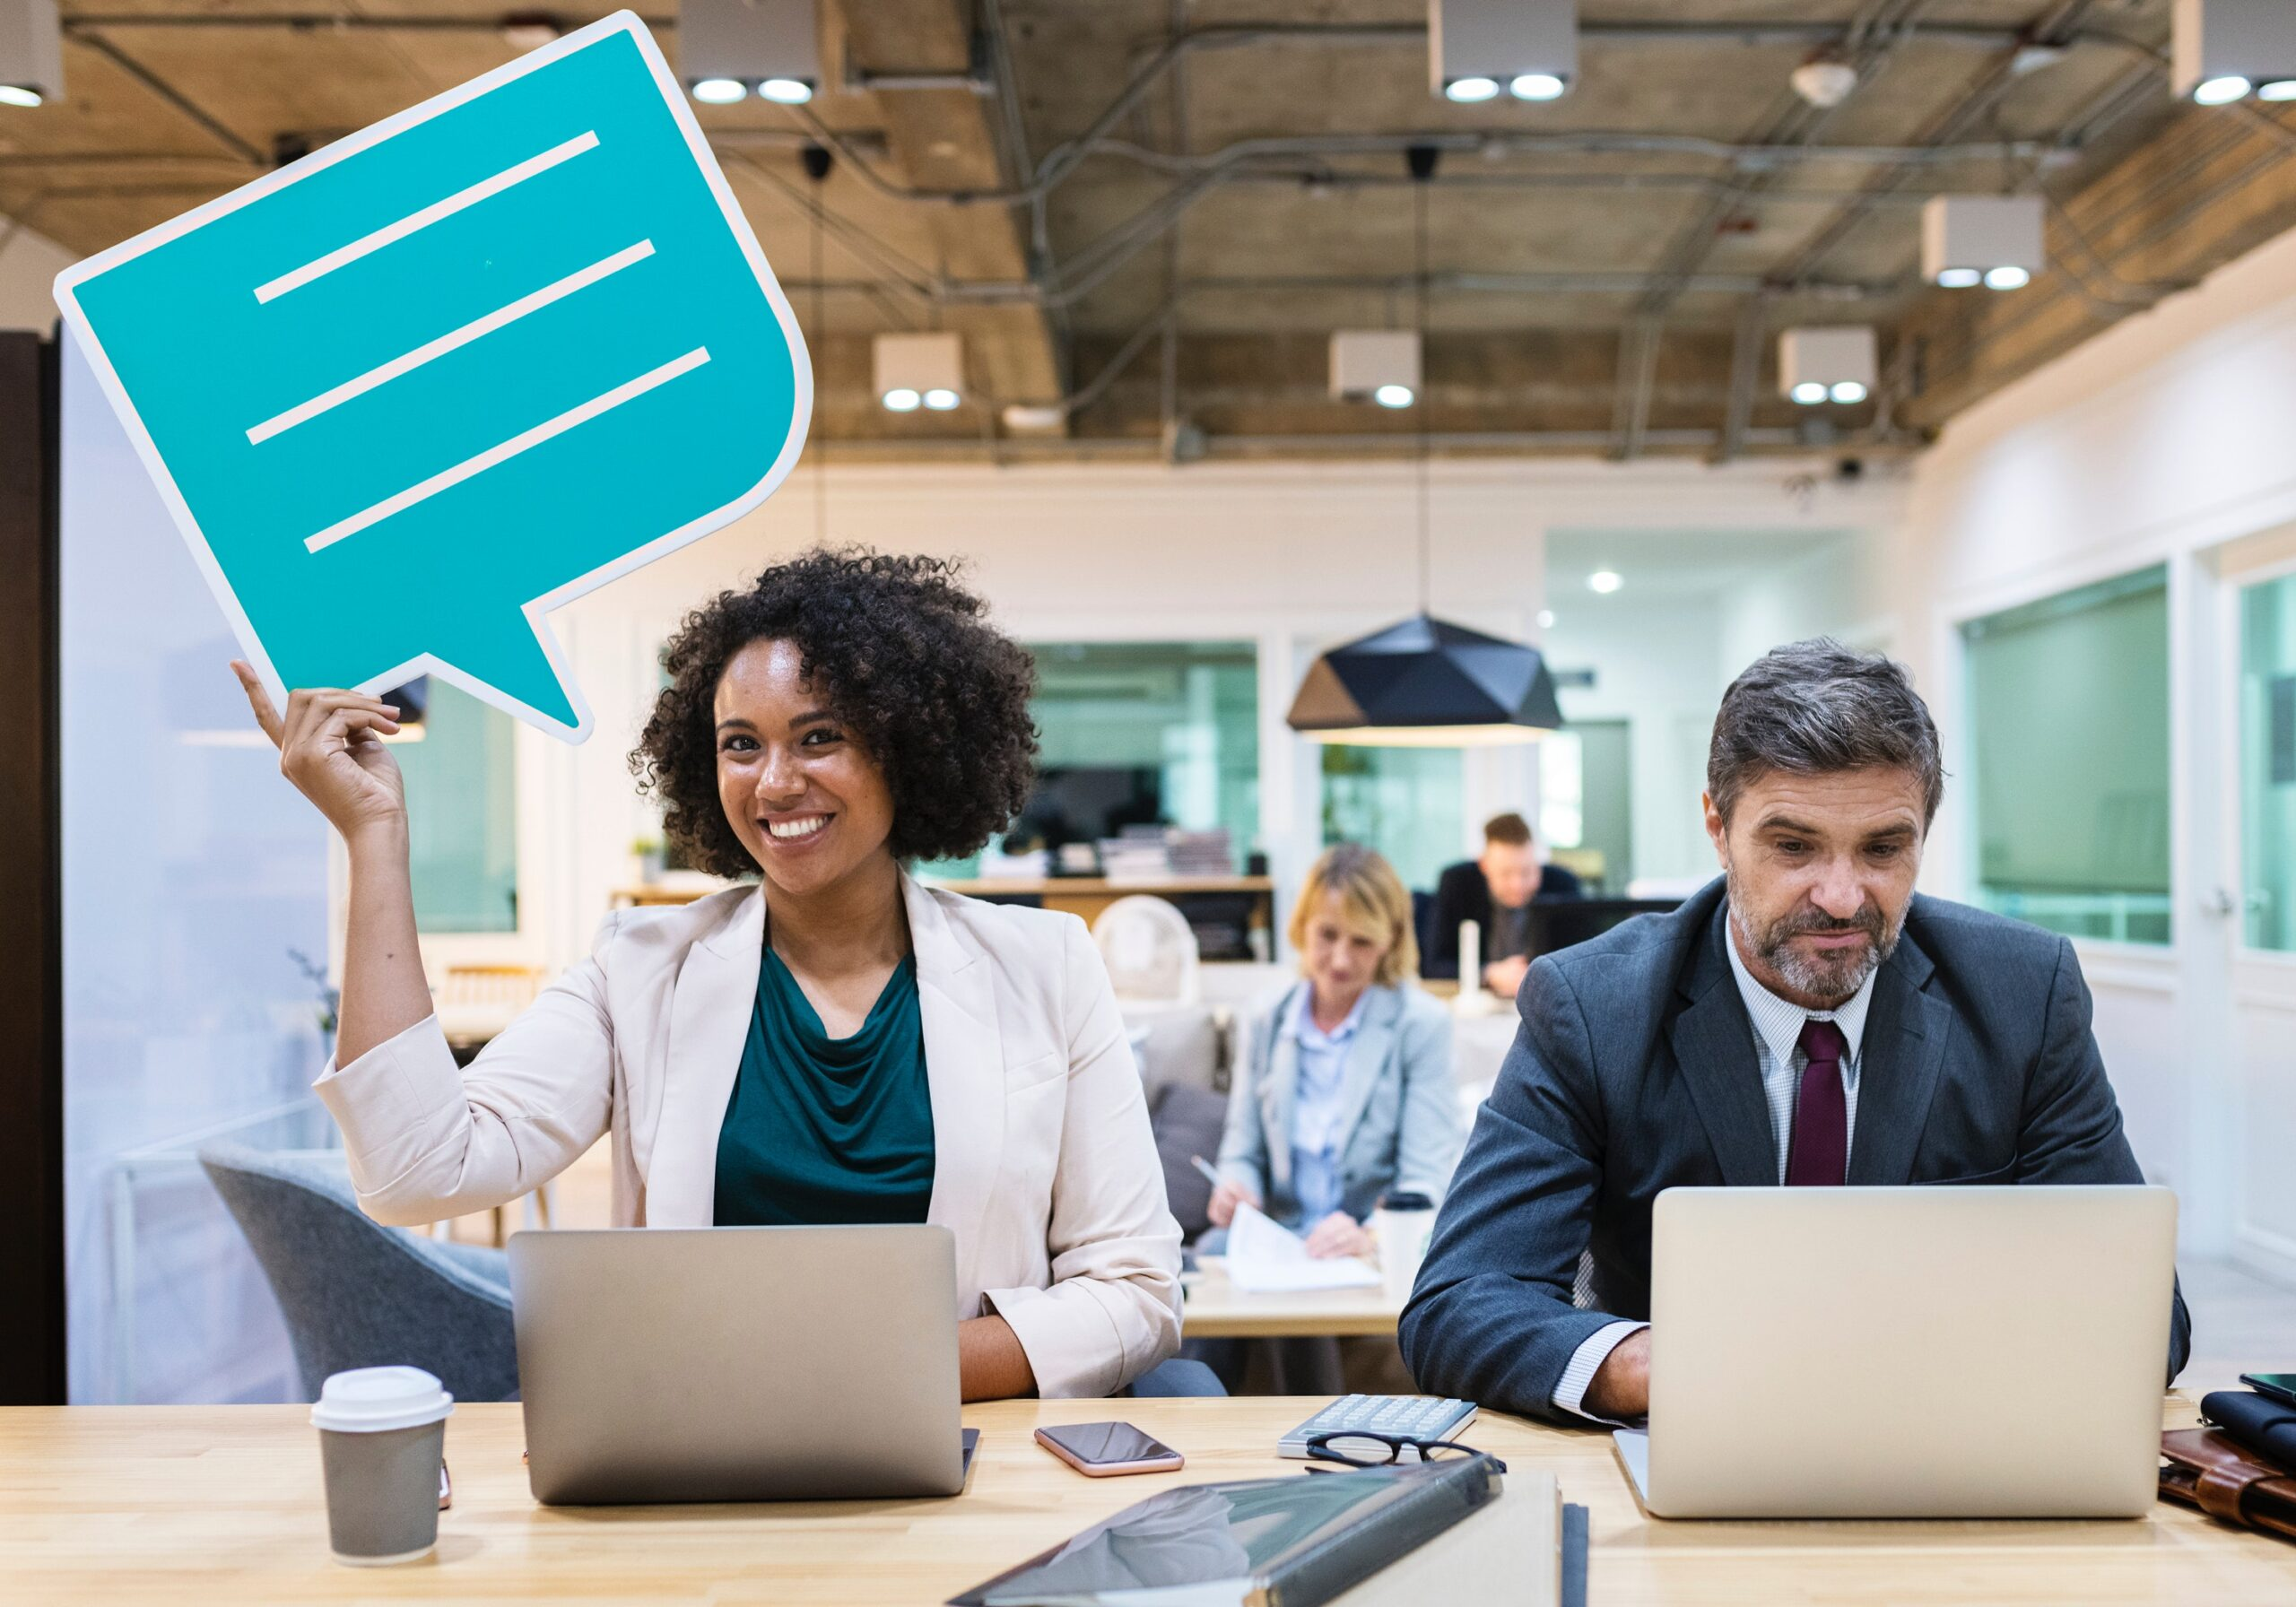 10 habilidades de trabalho mais procuradas no mundo, segundo o LinkedIn